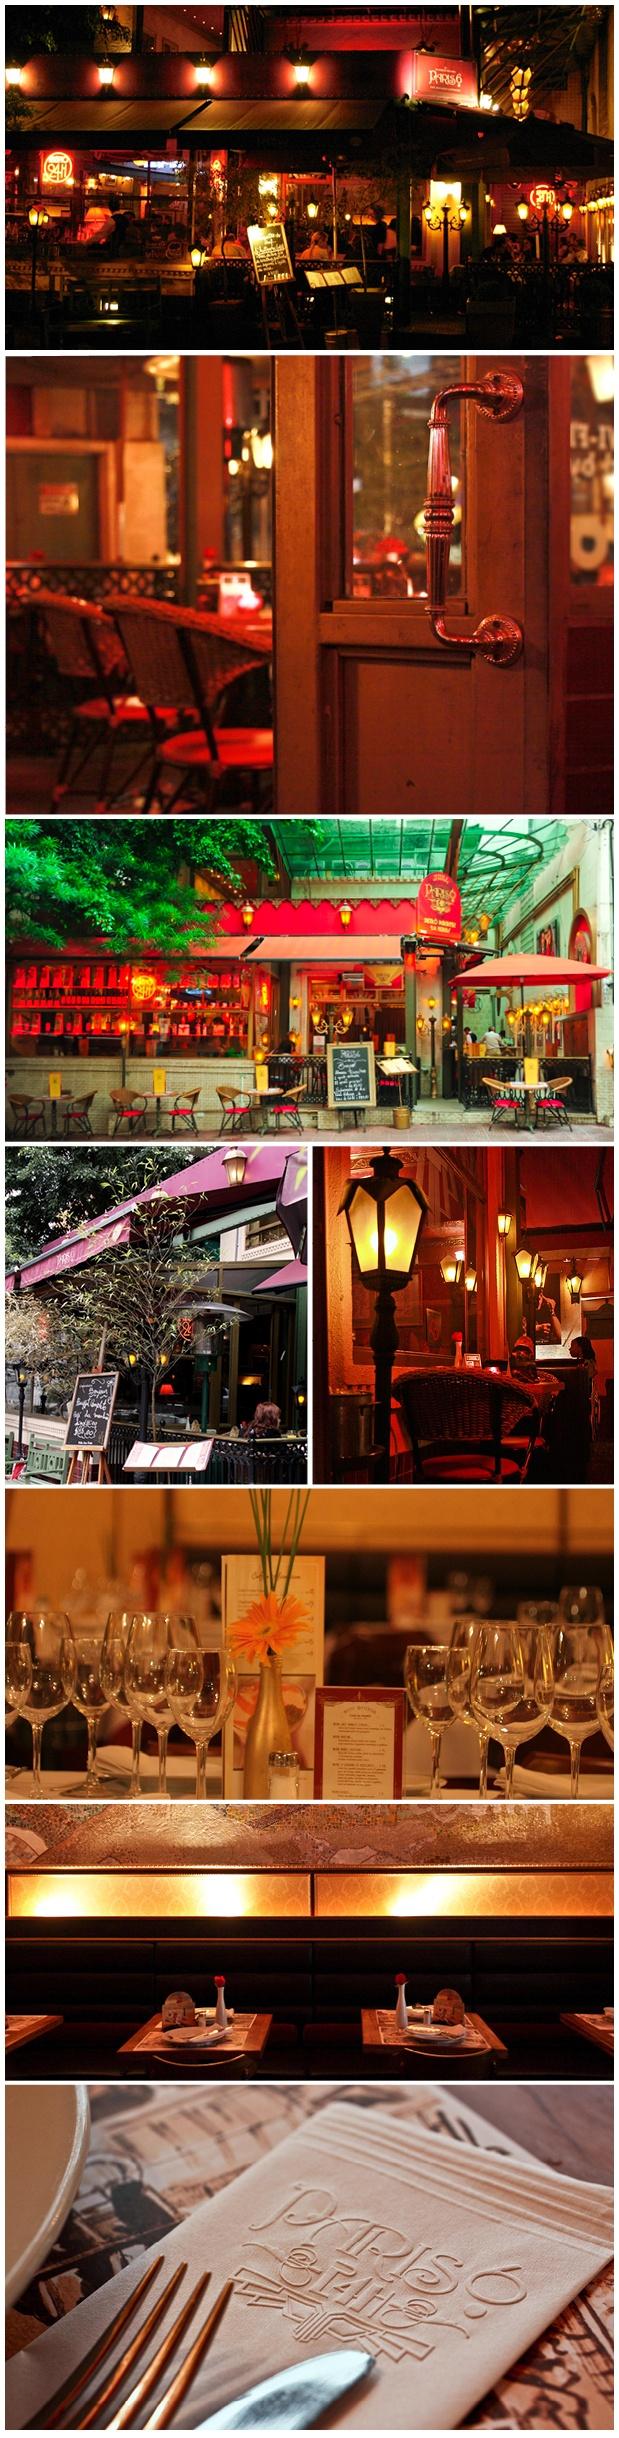 Restaurante Paris 6 localizado em São Paulo. Bistrô francês.: Restaurante Paris, Restaurantes Pelo